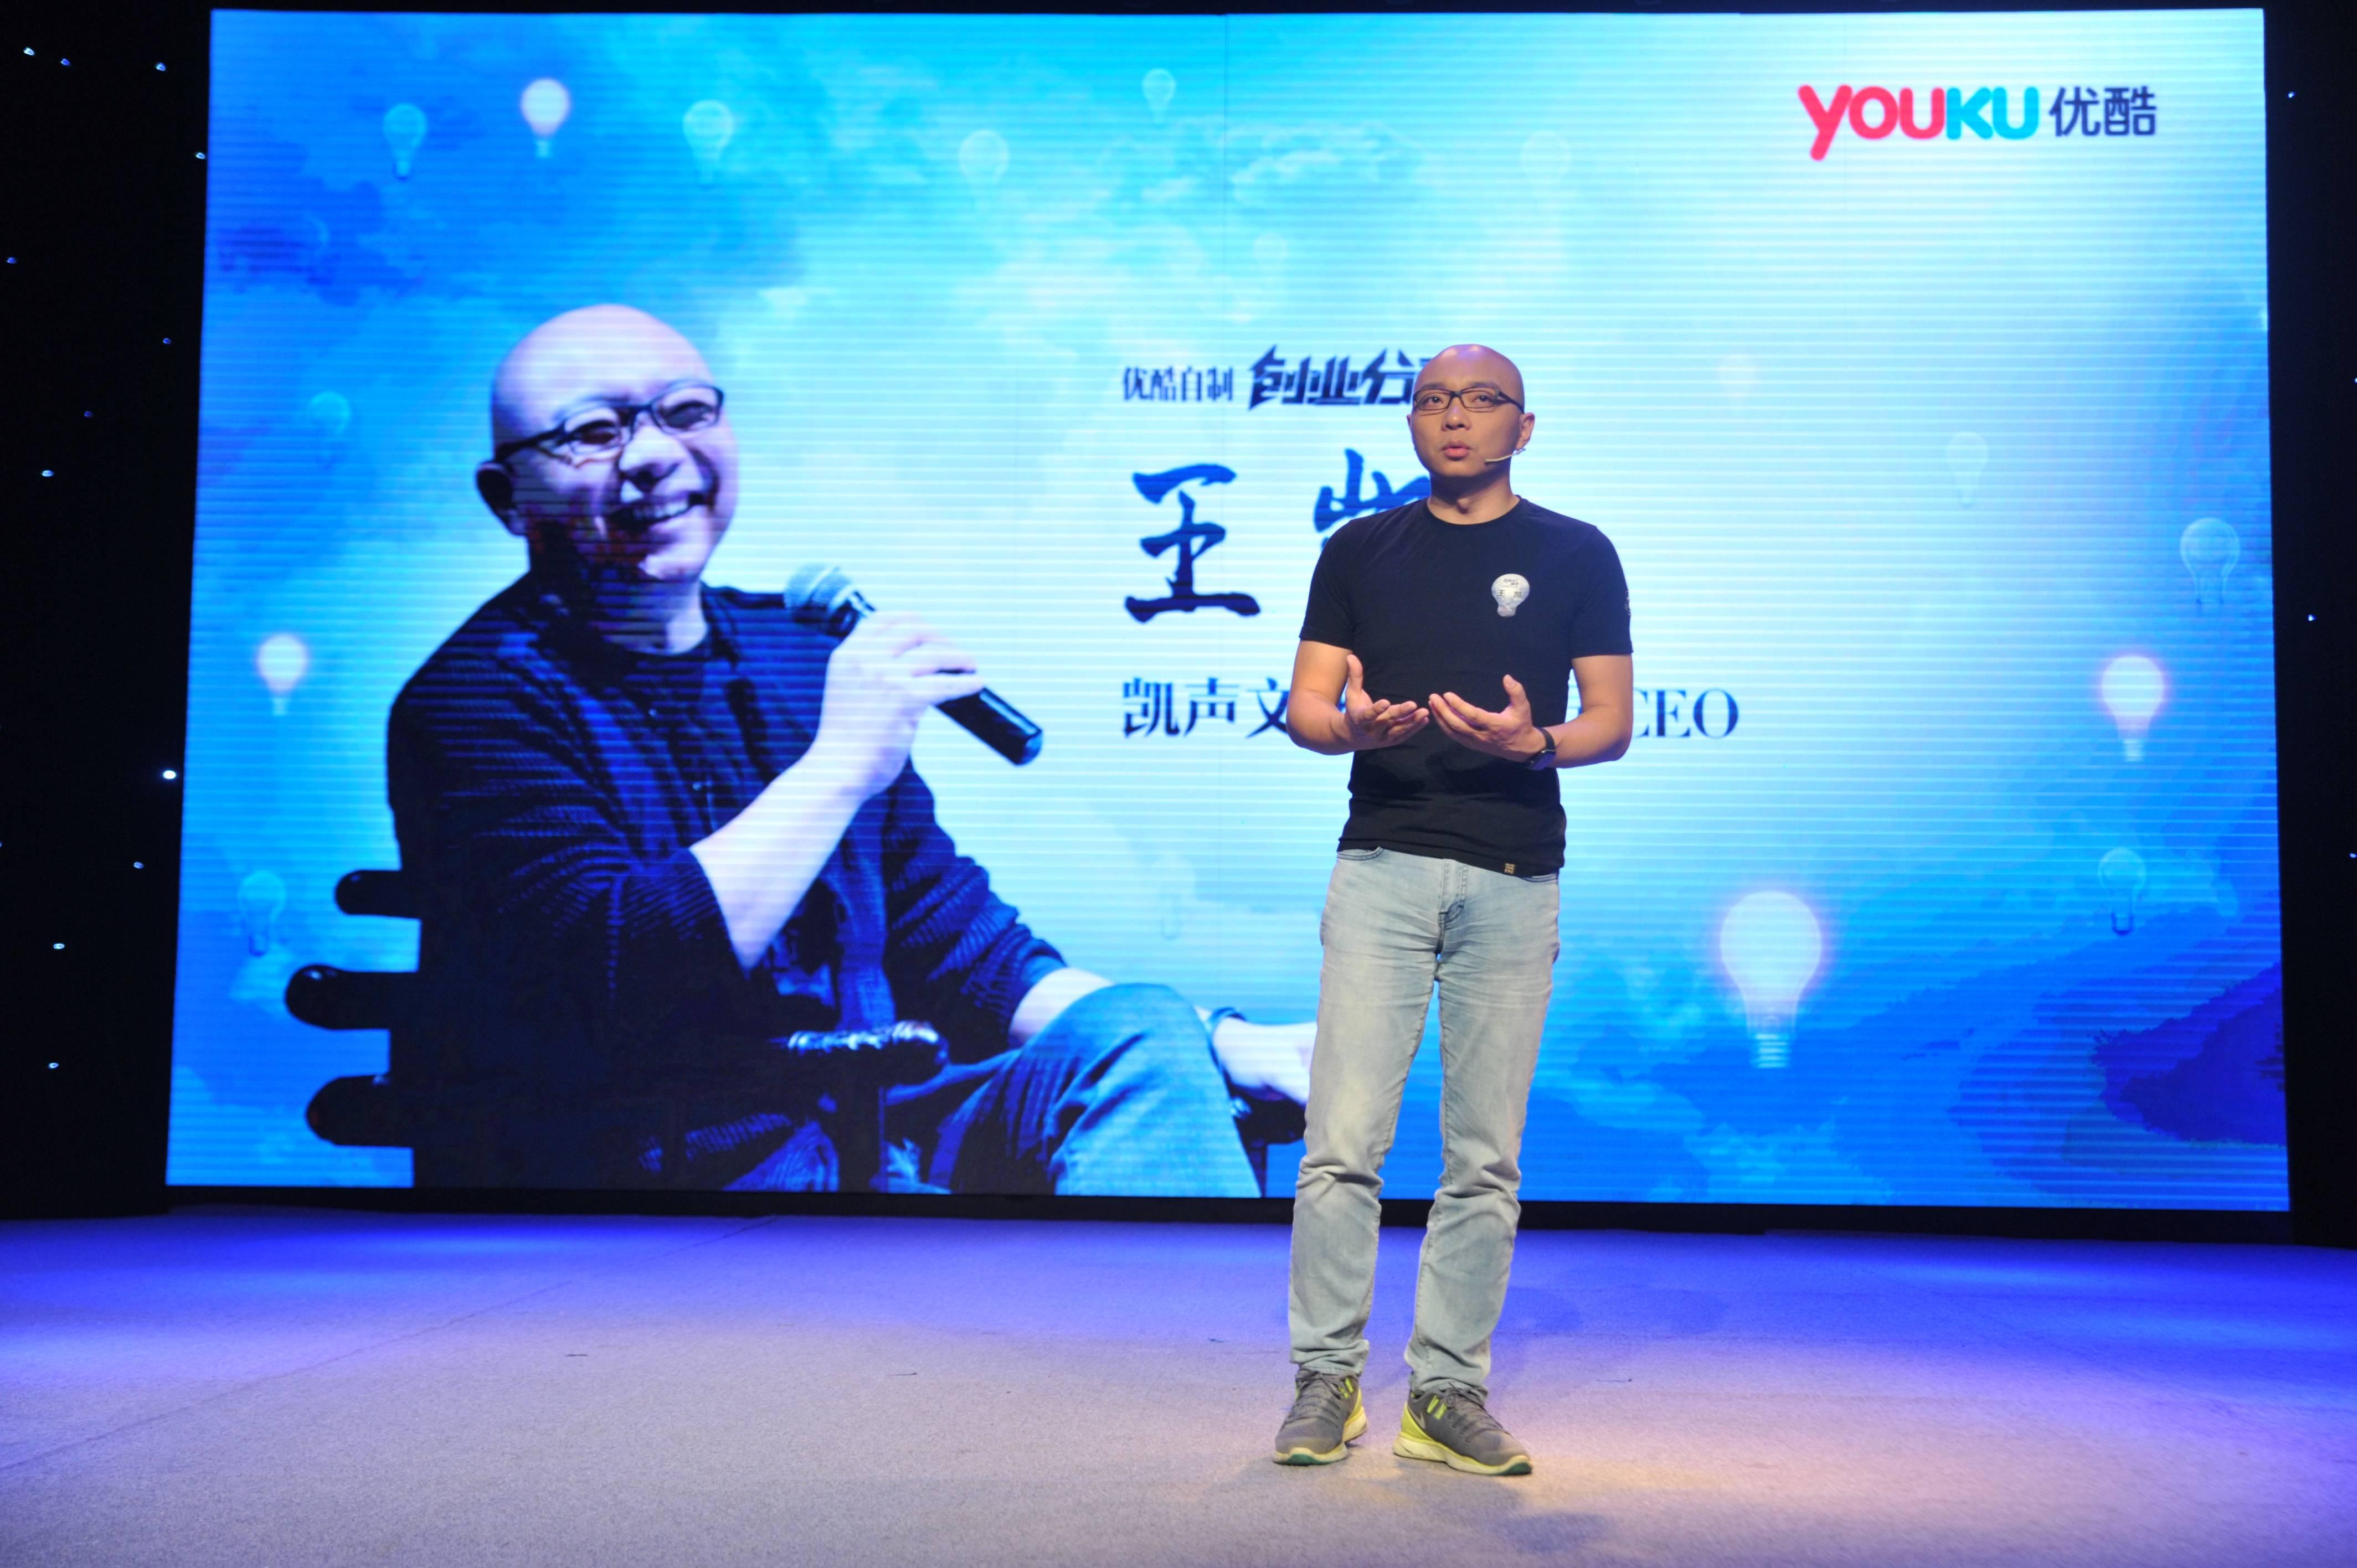 youku222